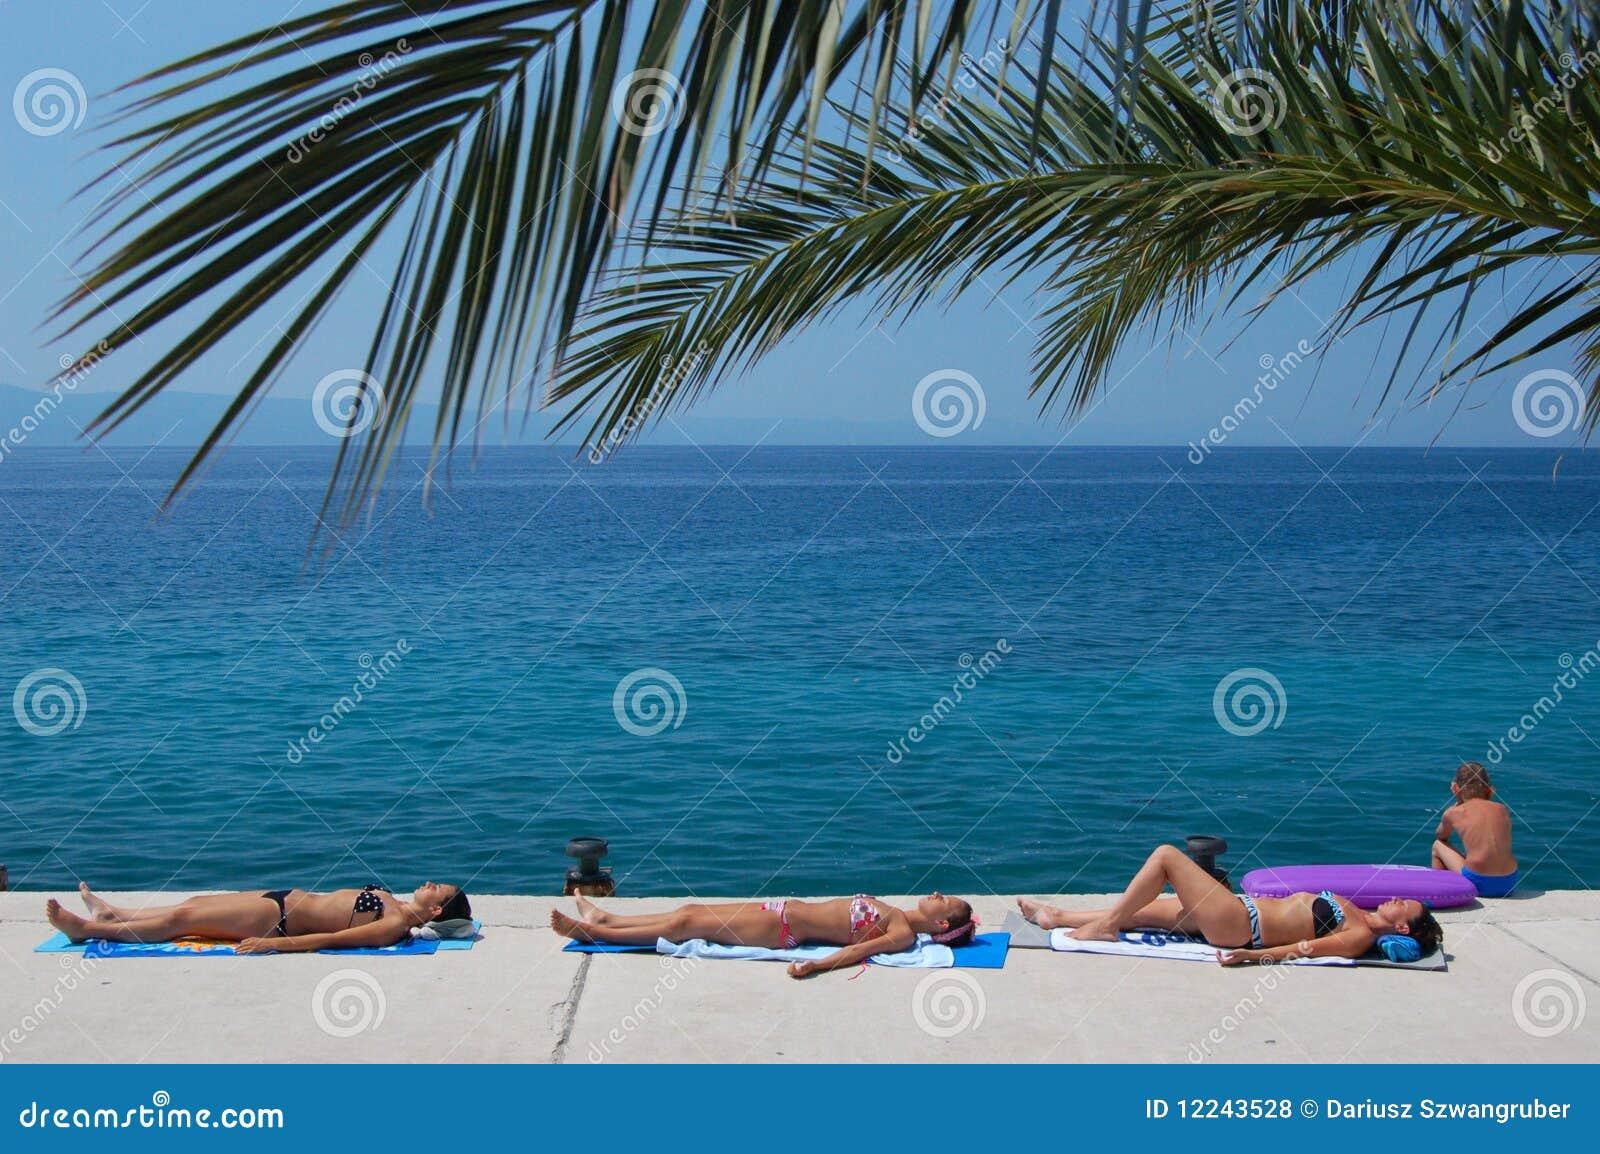 Prendendo il sole nel Croatia